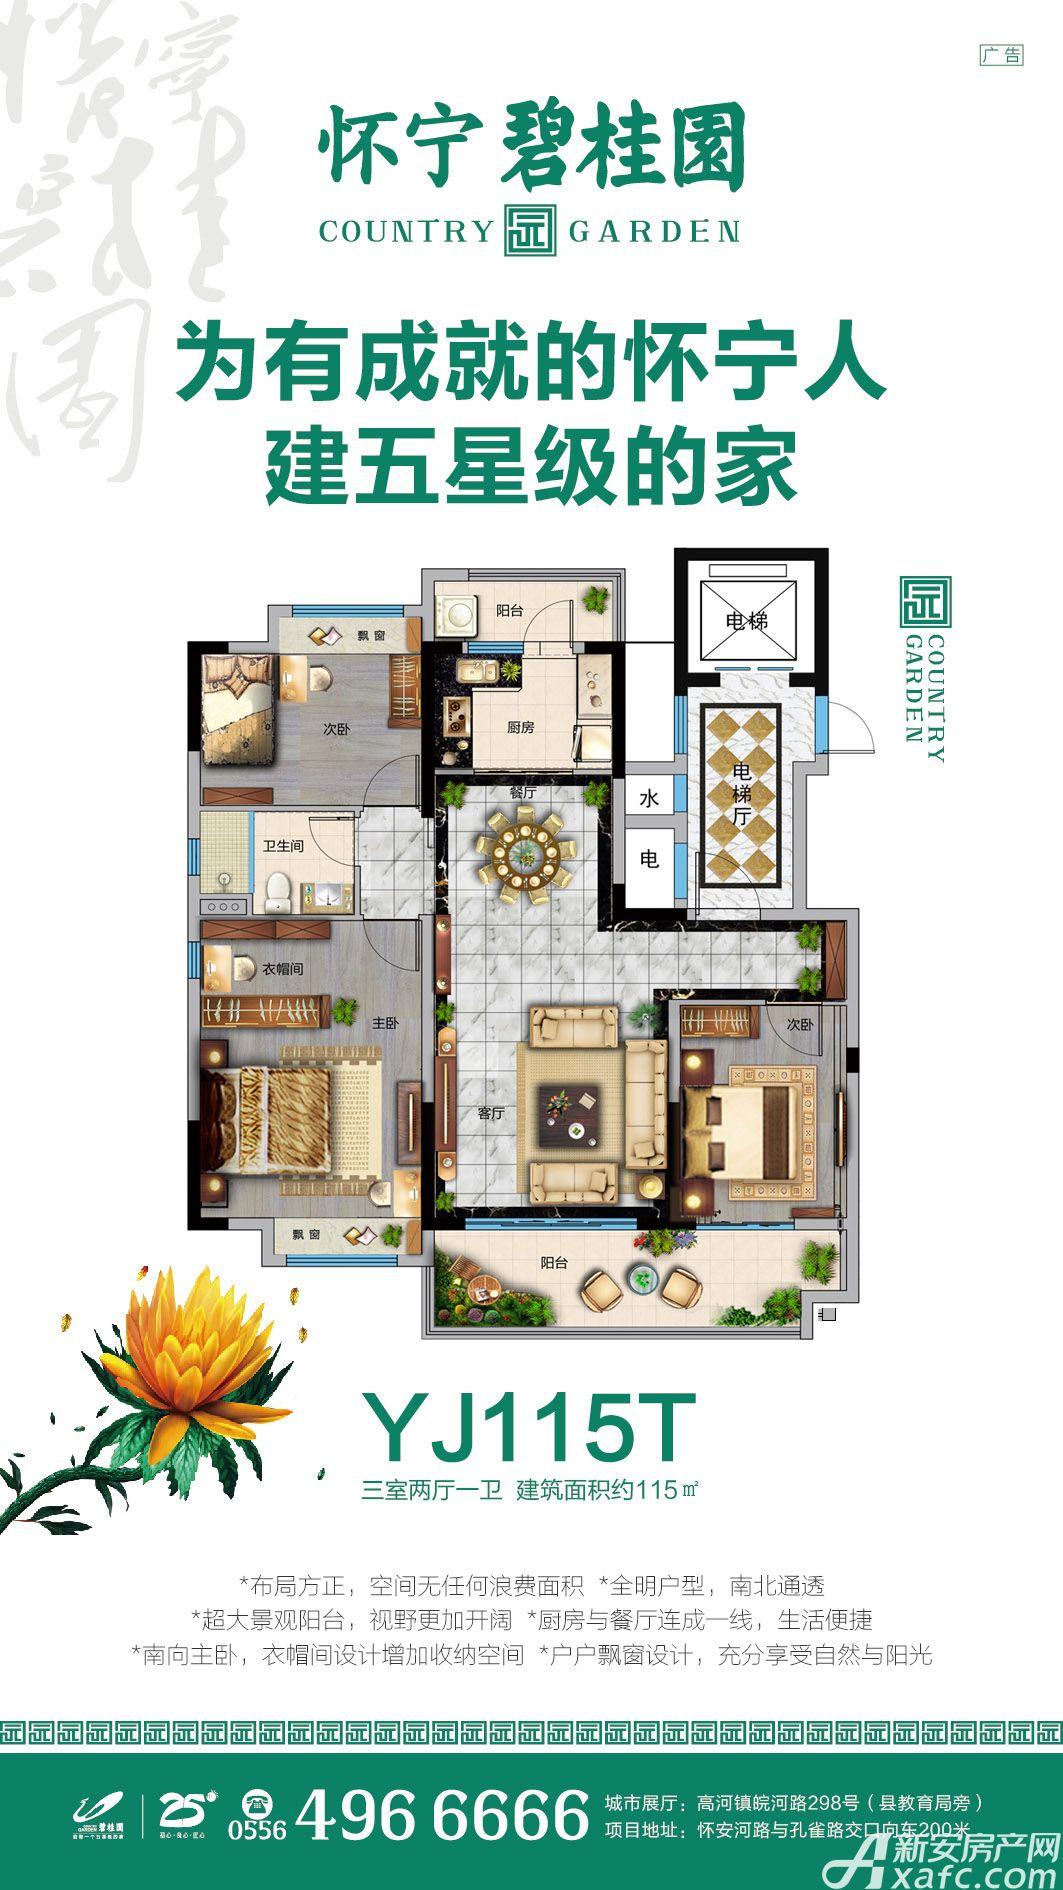 怀宁碧桂园三室两厅一卫3室2厅115平米